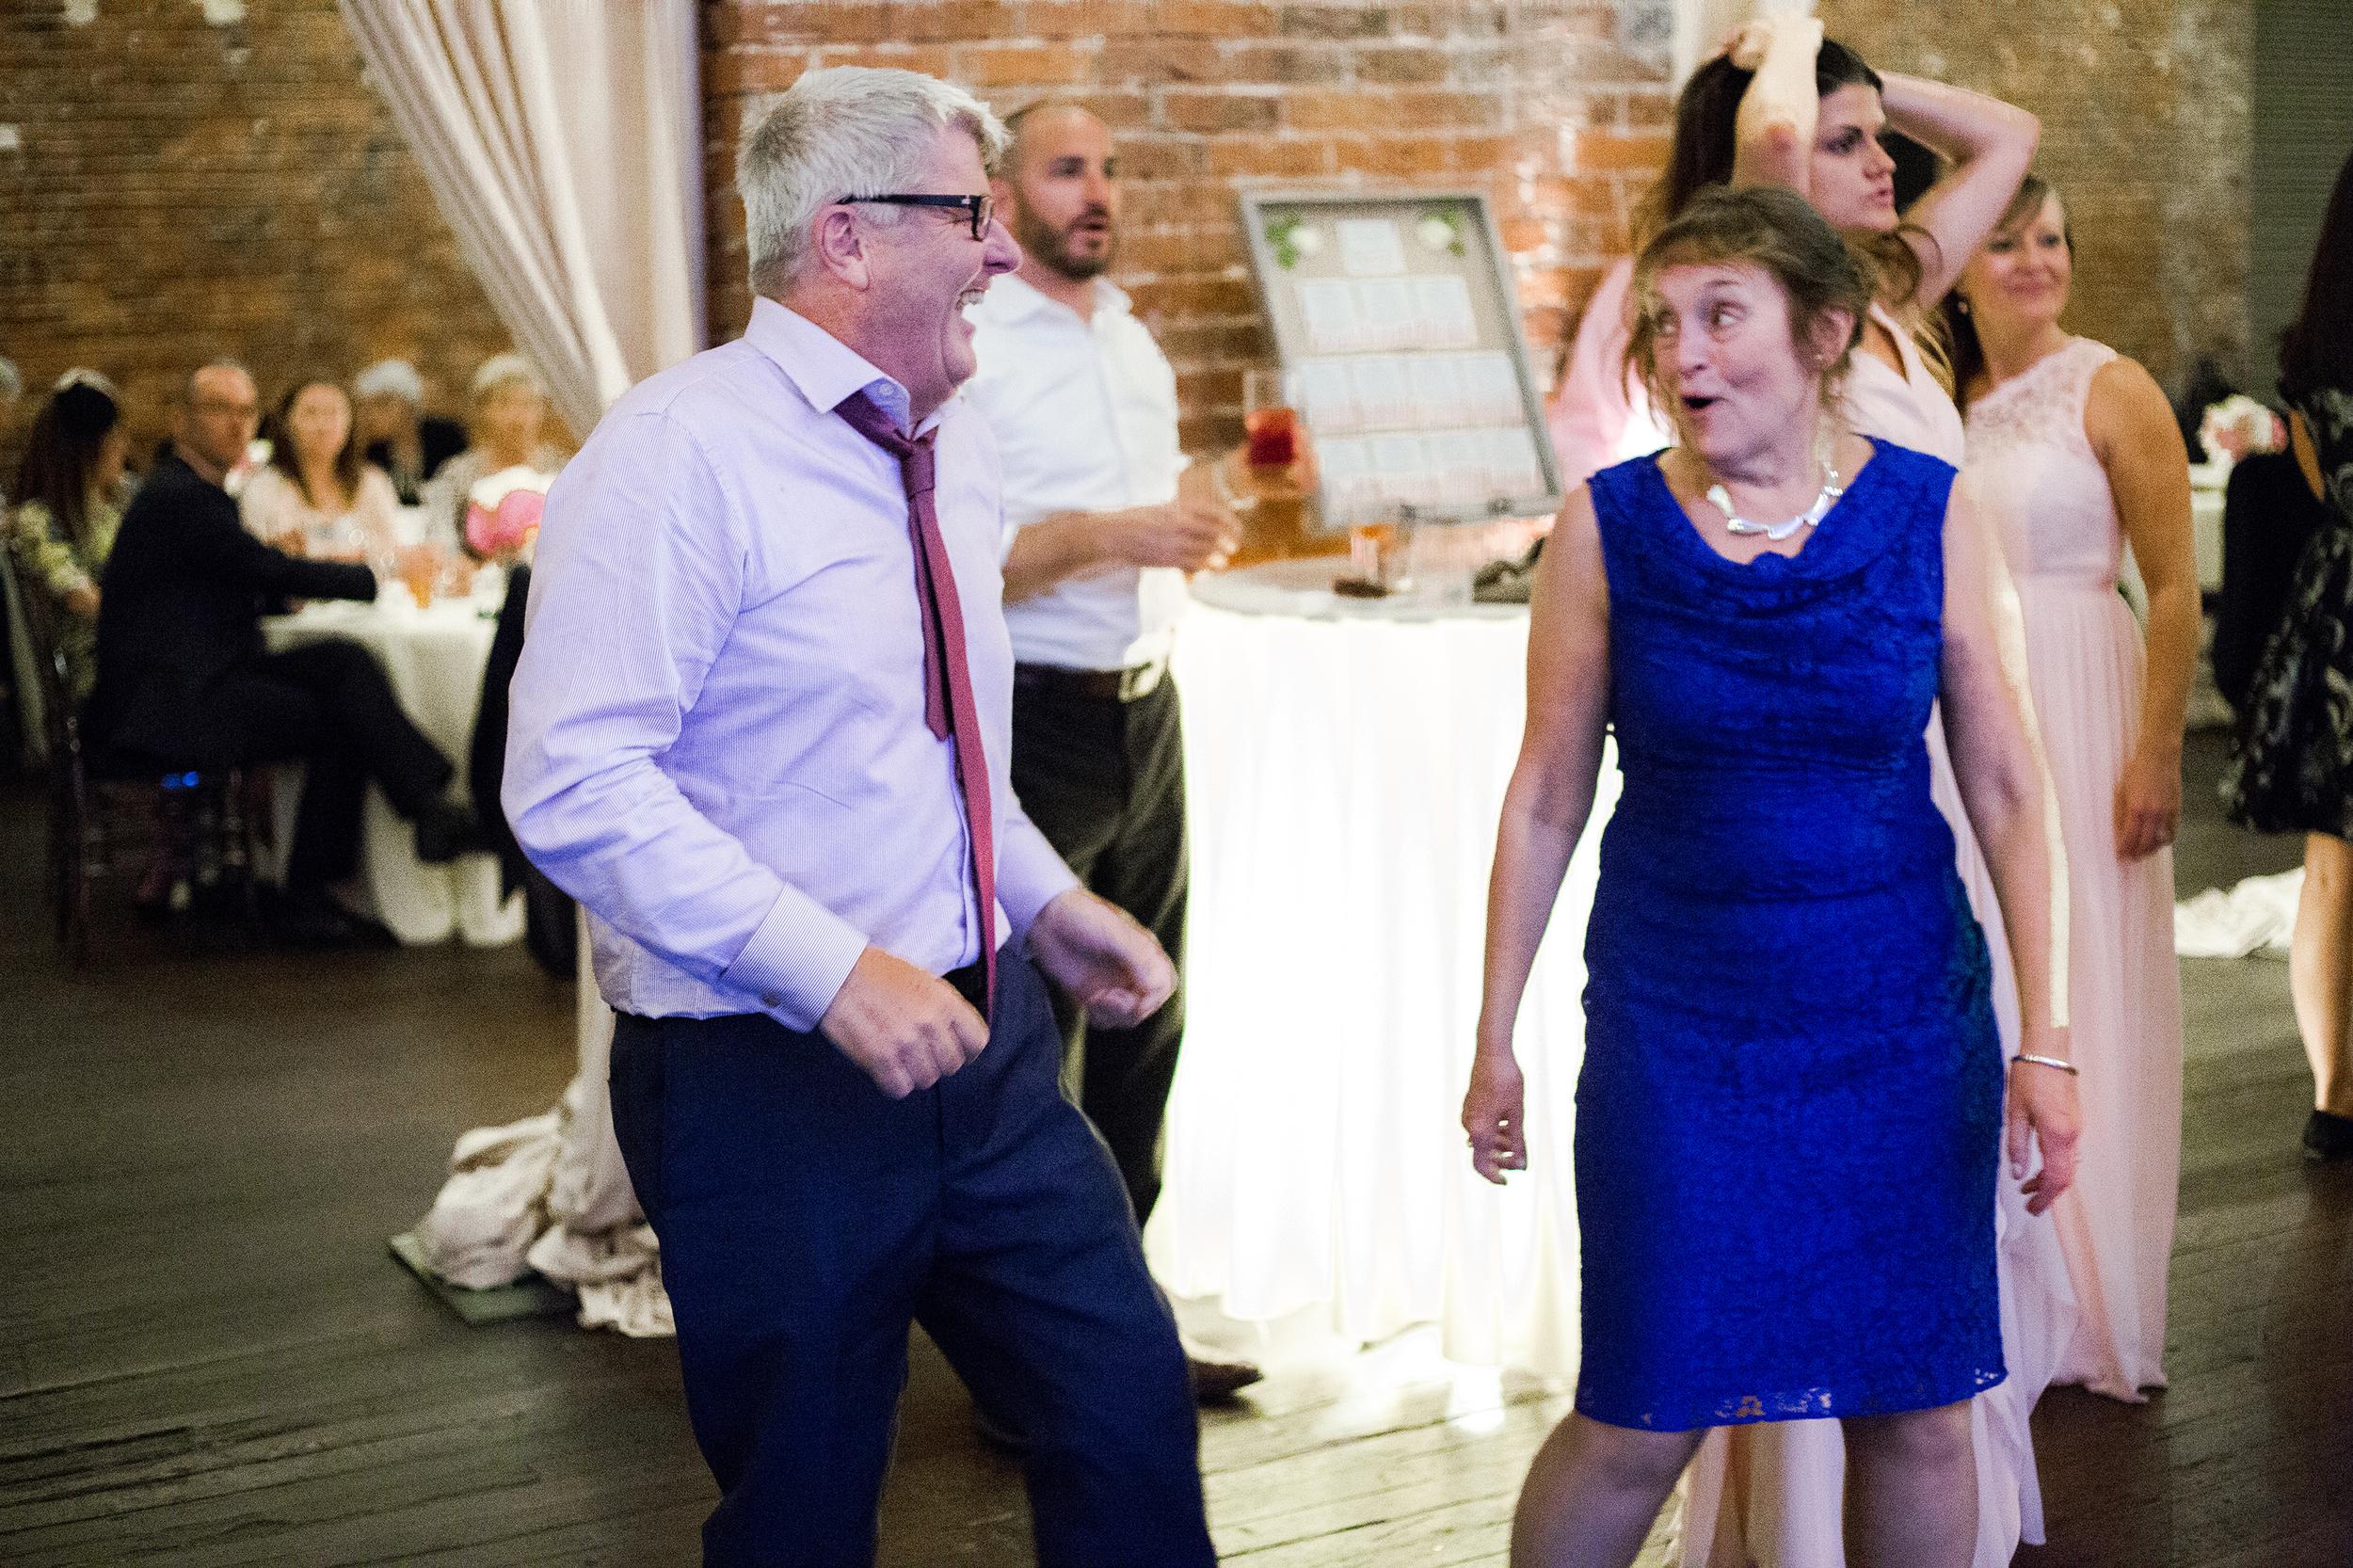 Dancing-39.jpg